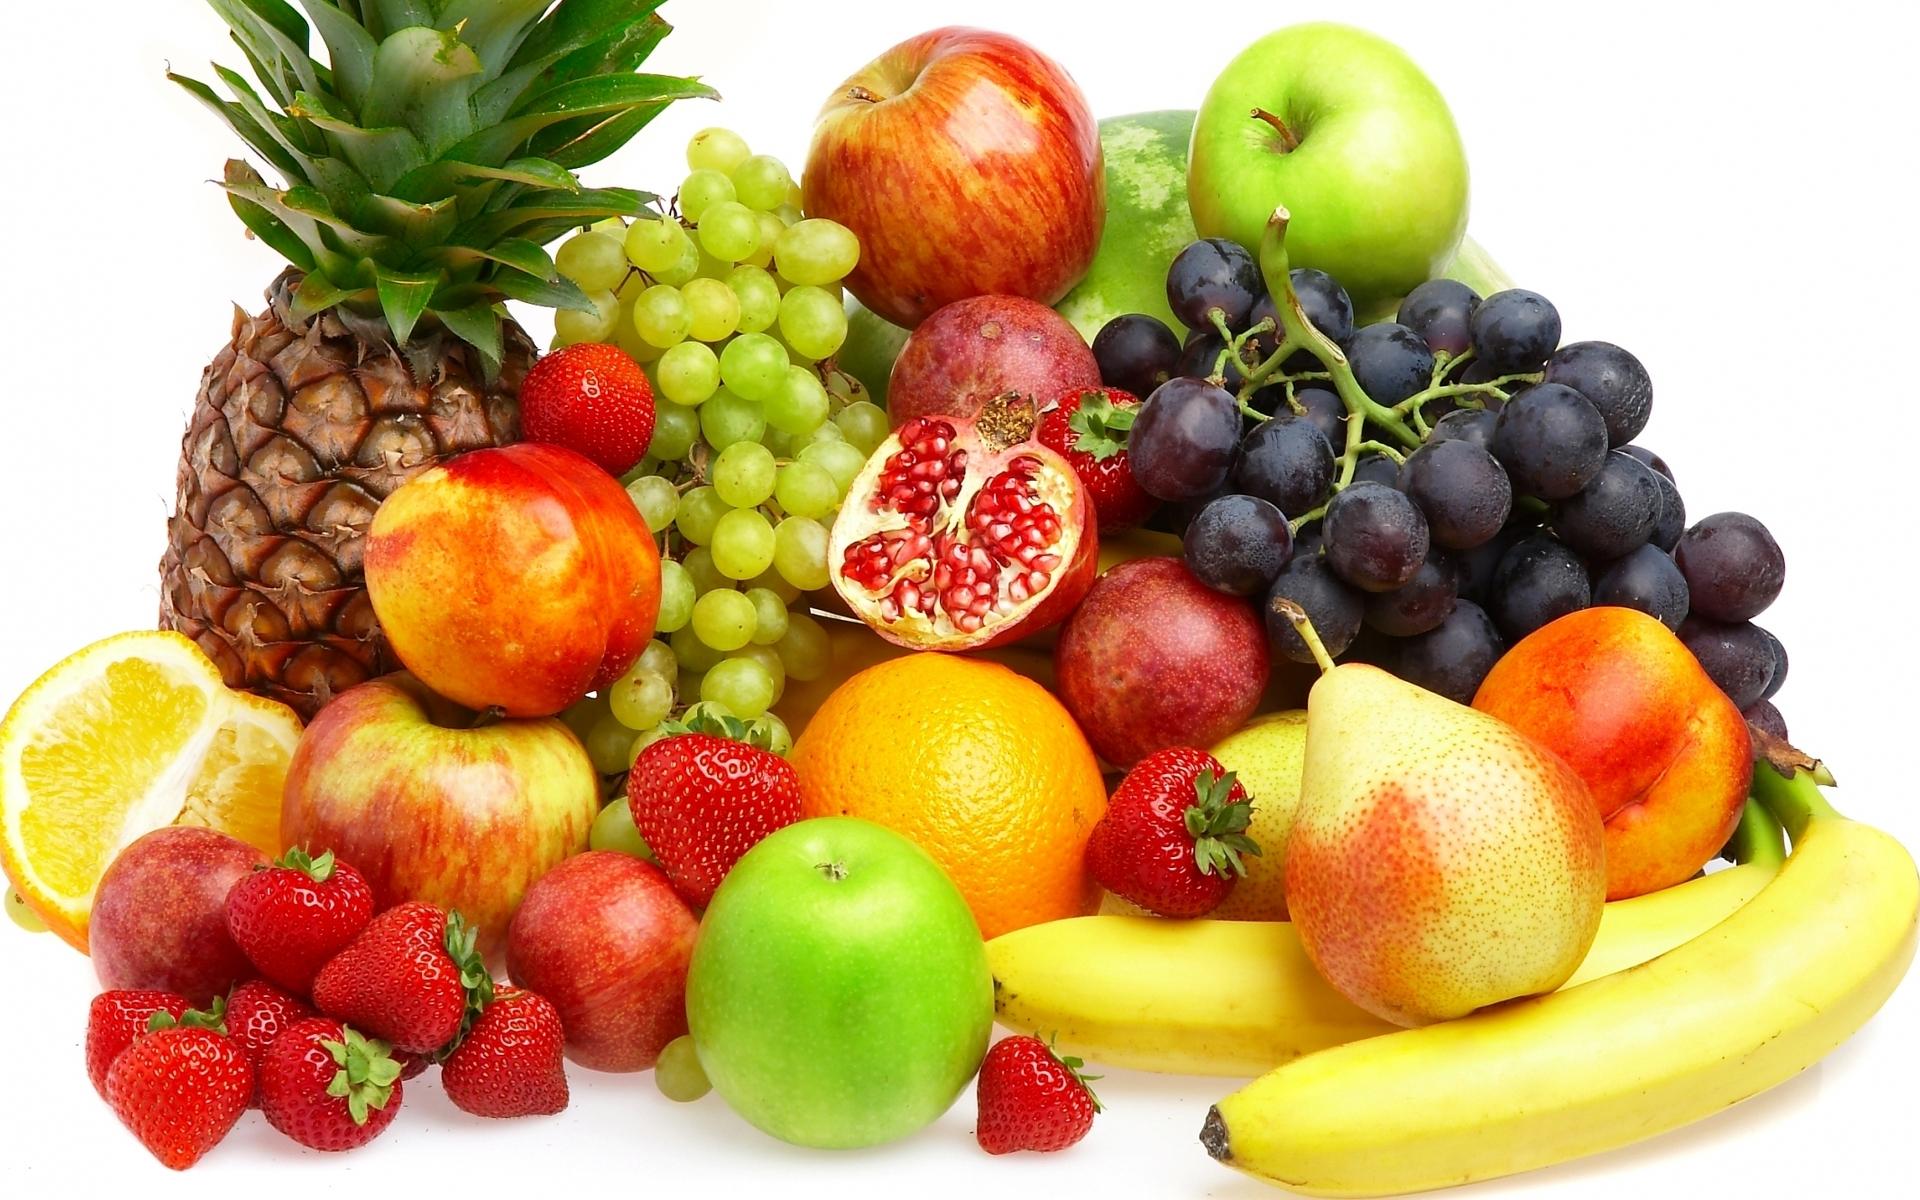 ما هي الفواكه التي تزيد الوزن